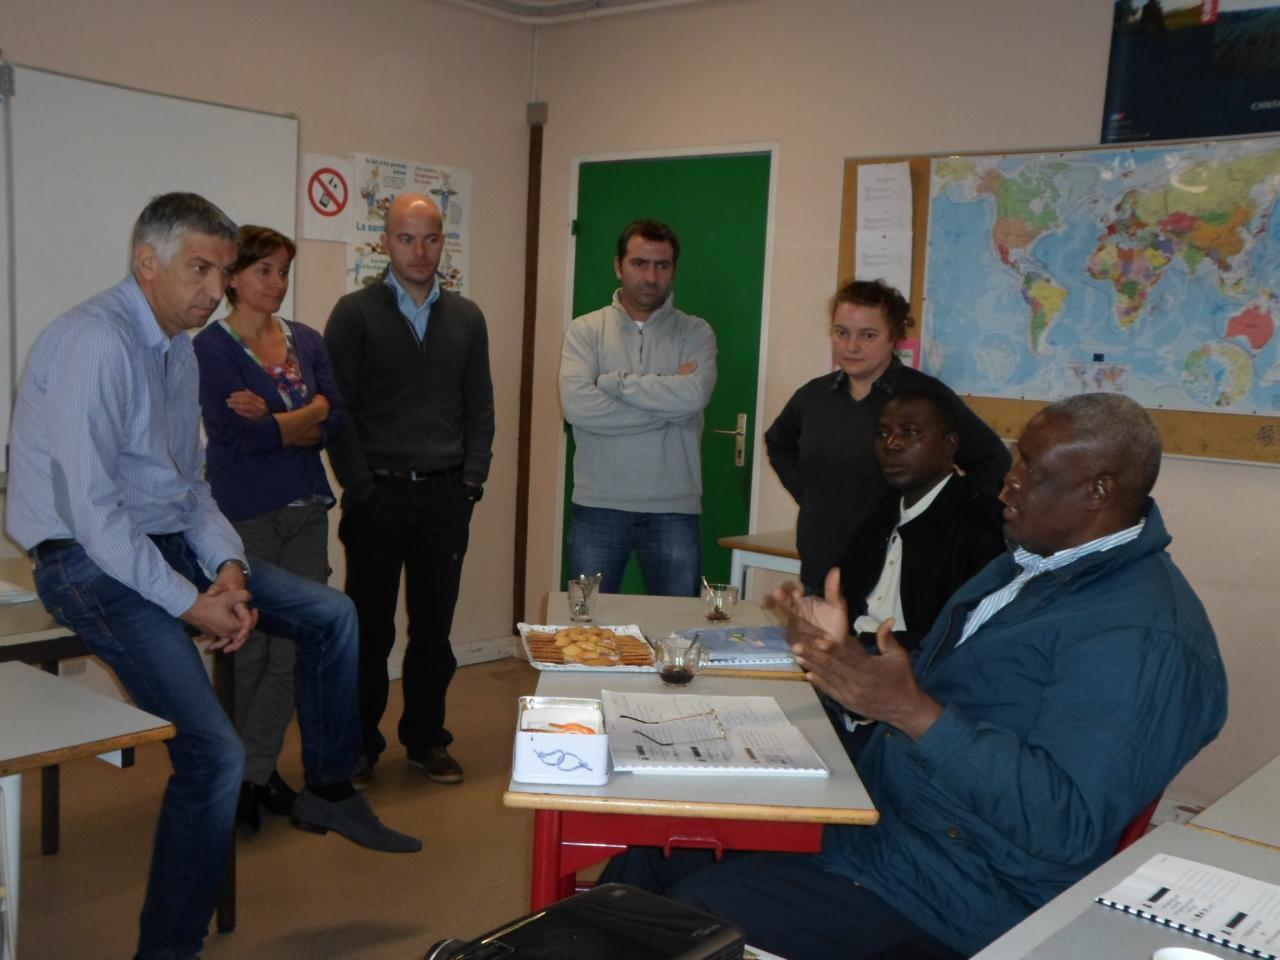 Entretien avec Mr DELAMAIDE, directeur du Centre de formation d'apprentis